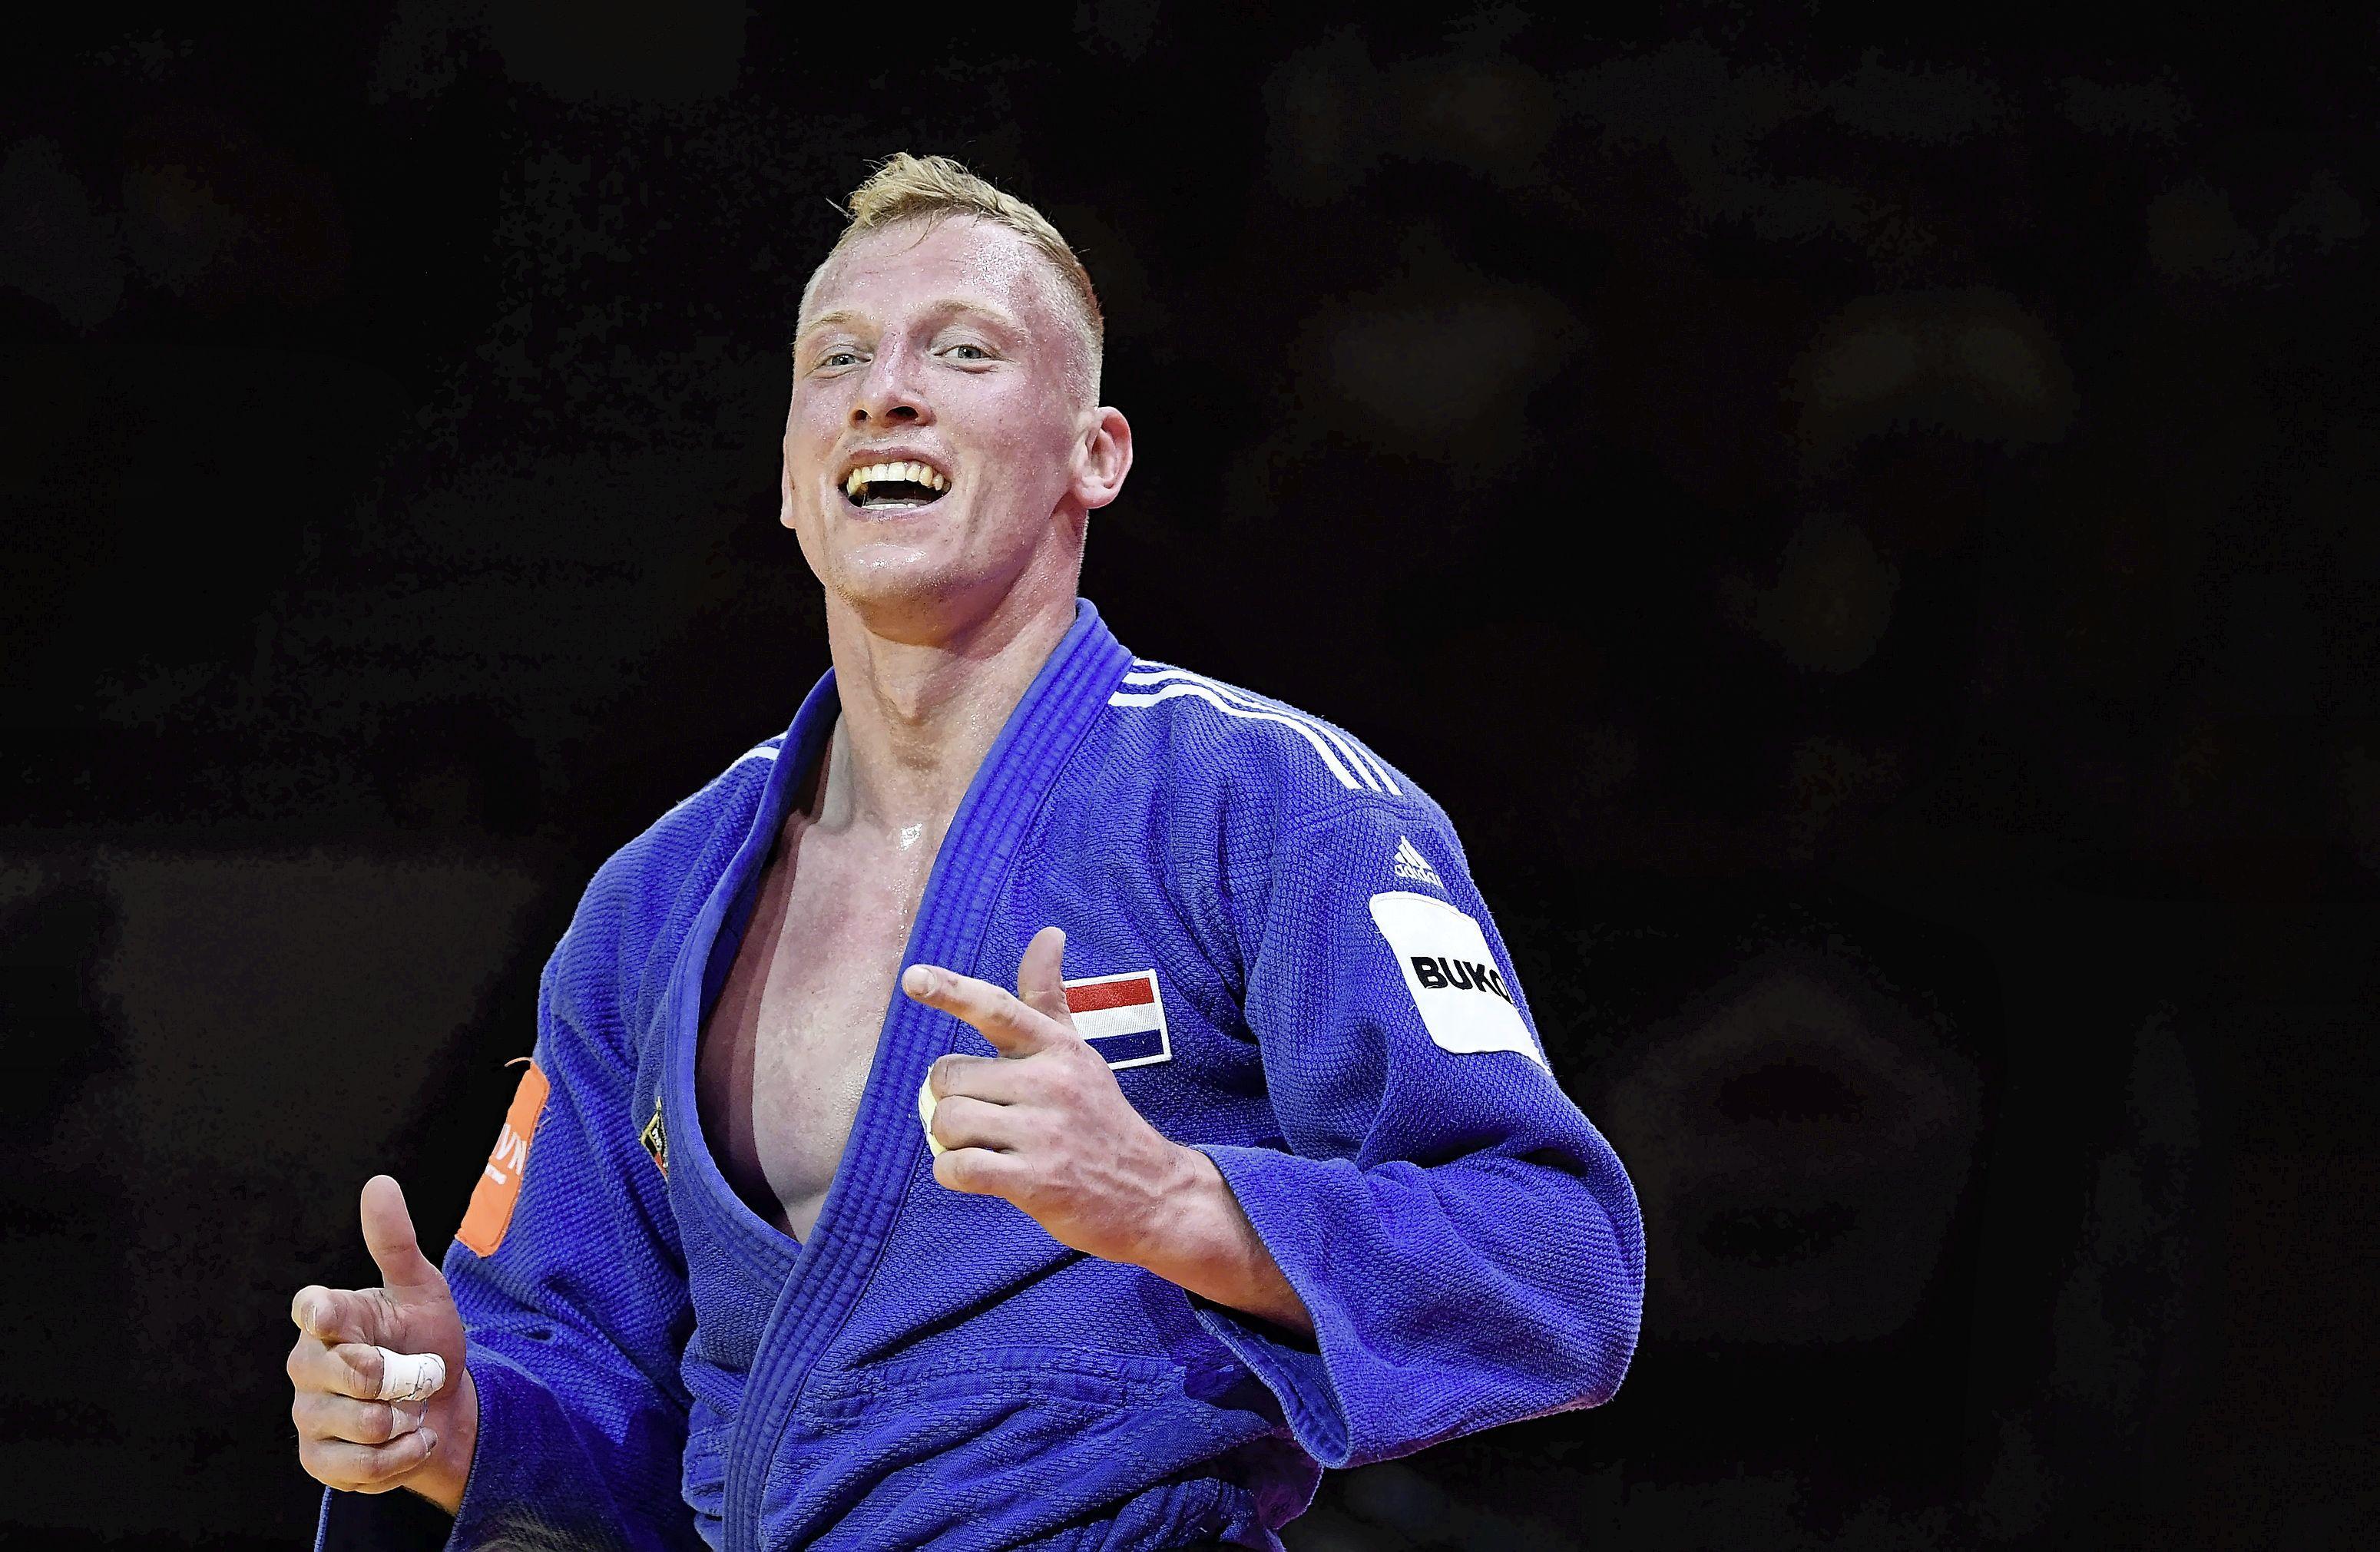 Judoka De Wit na WK-brons: 'Dit is heel mooi voor mij' [video]